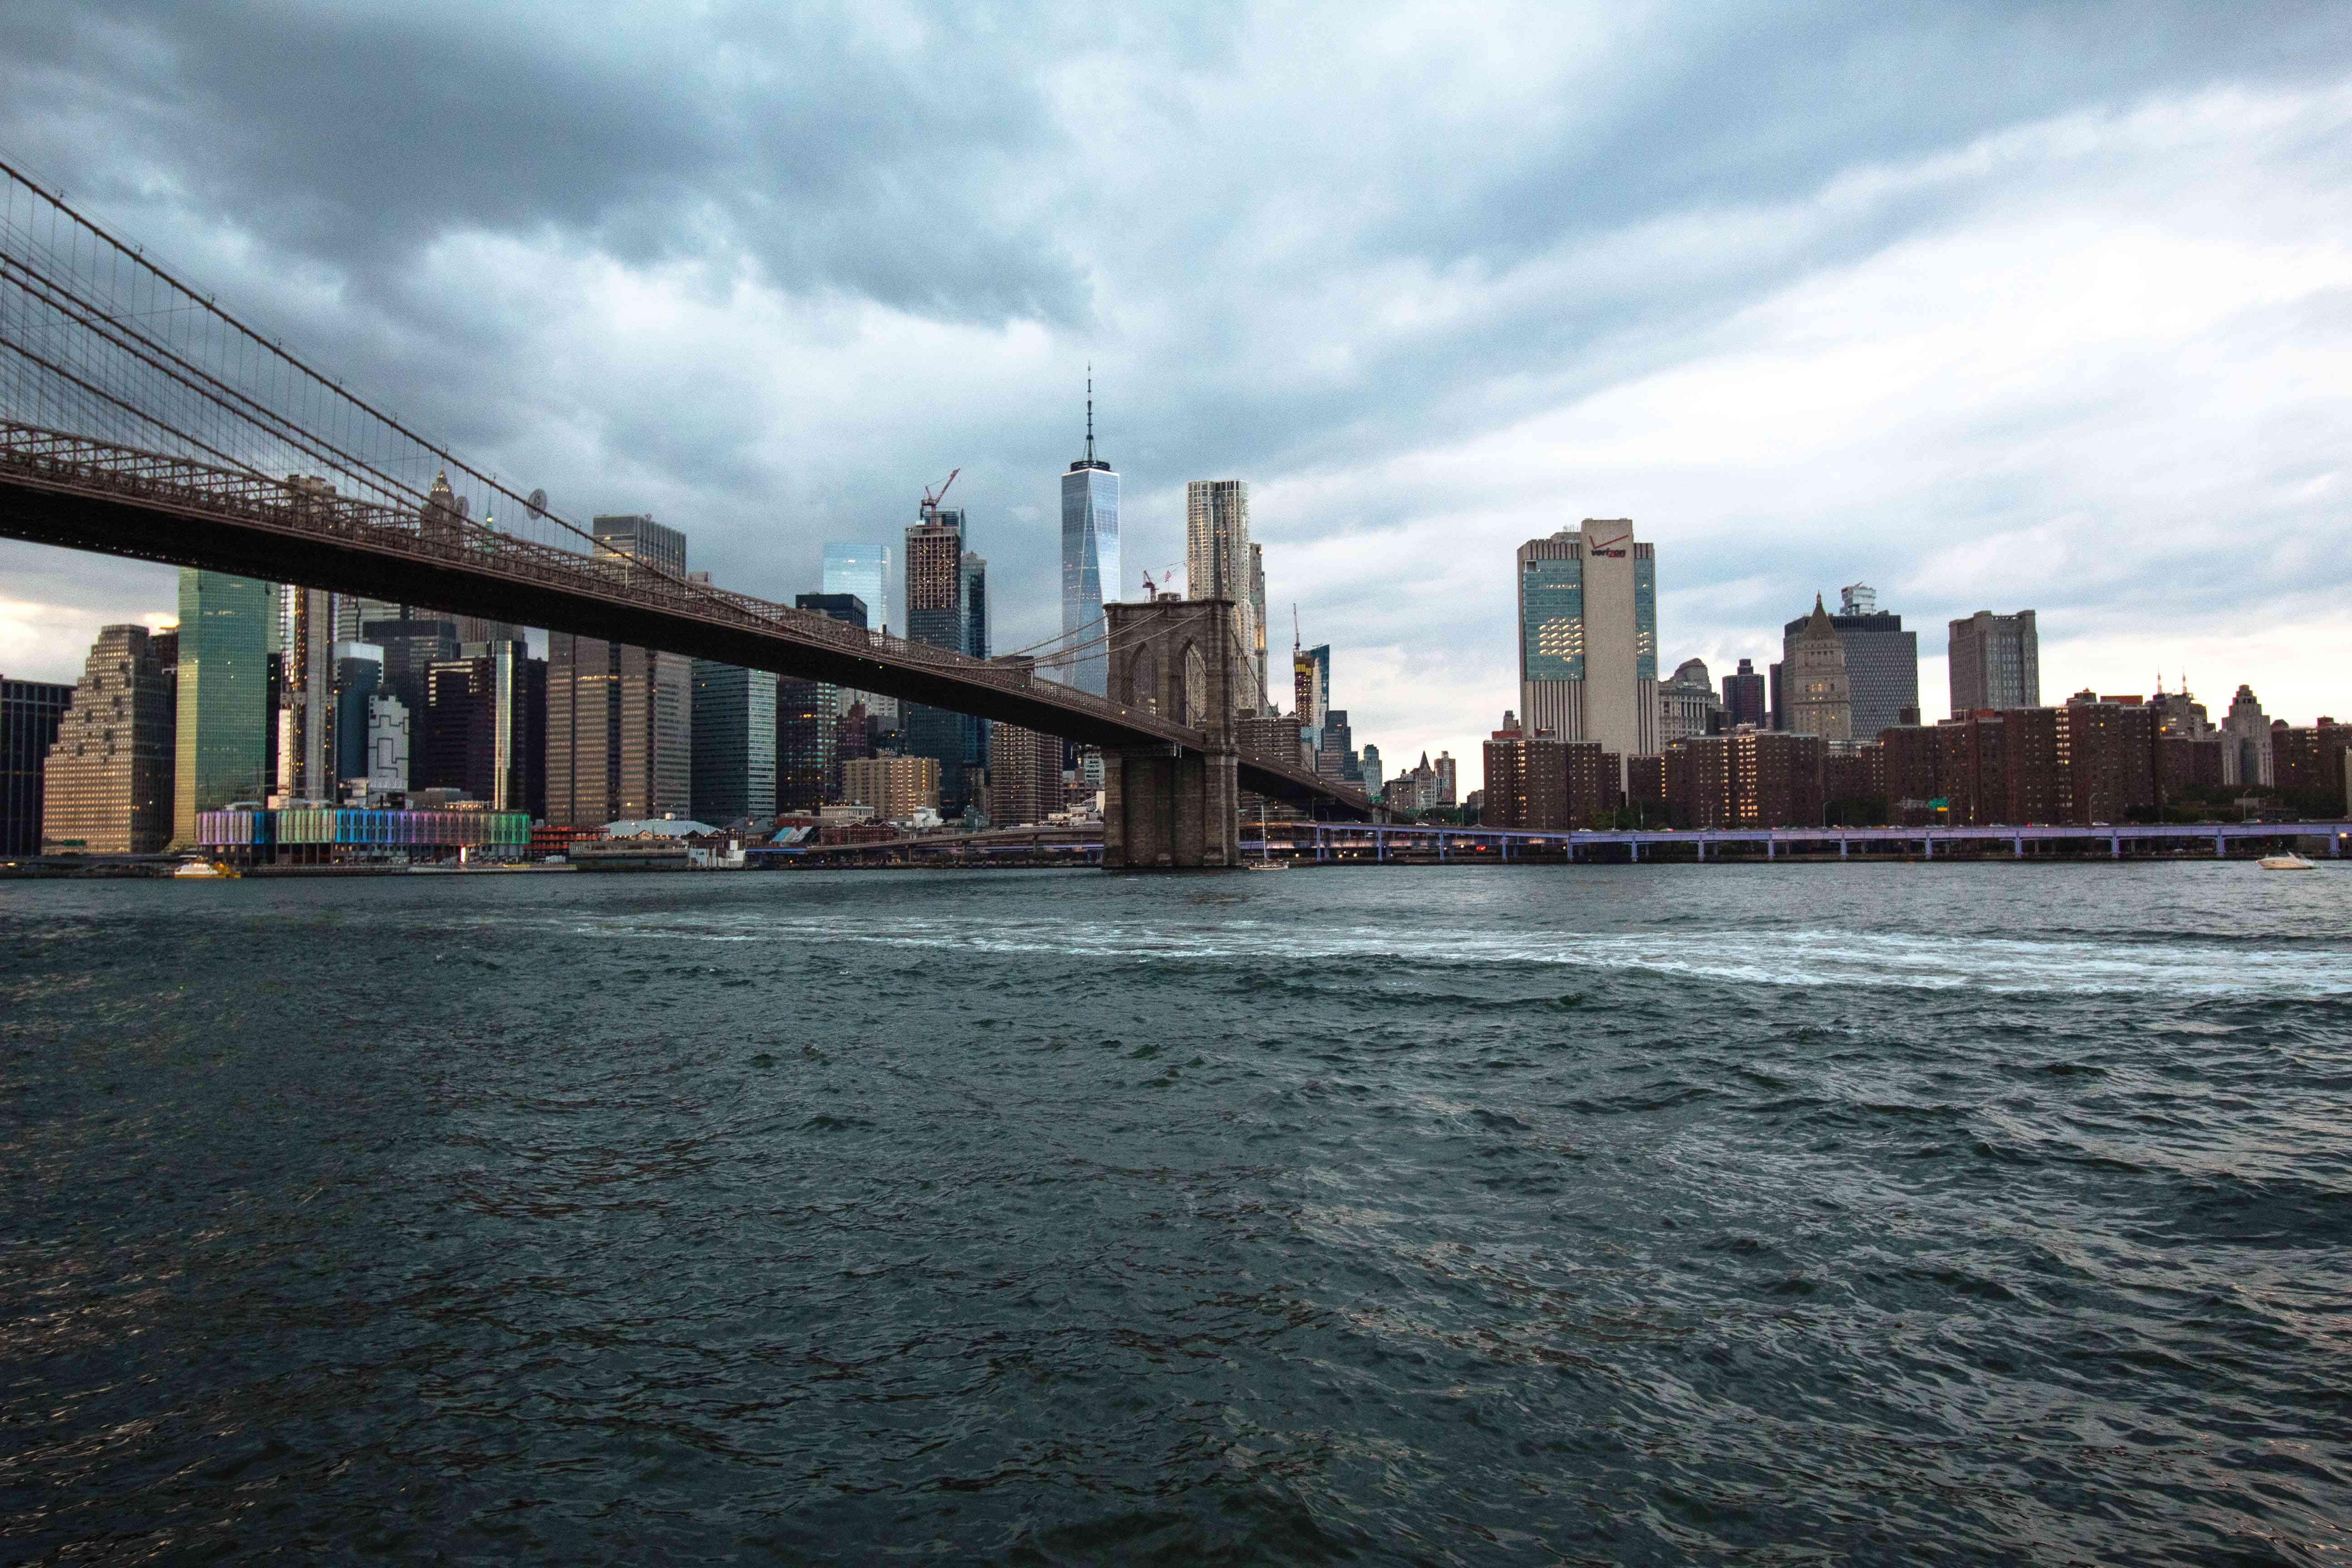 El puente de Brooklyn que se extiende hacia Manhattan